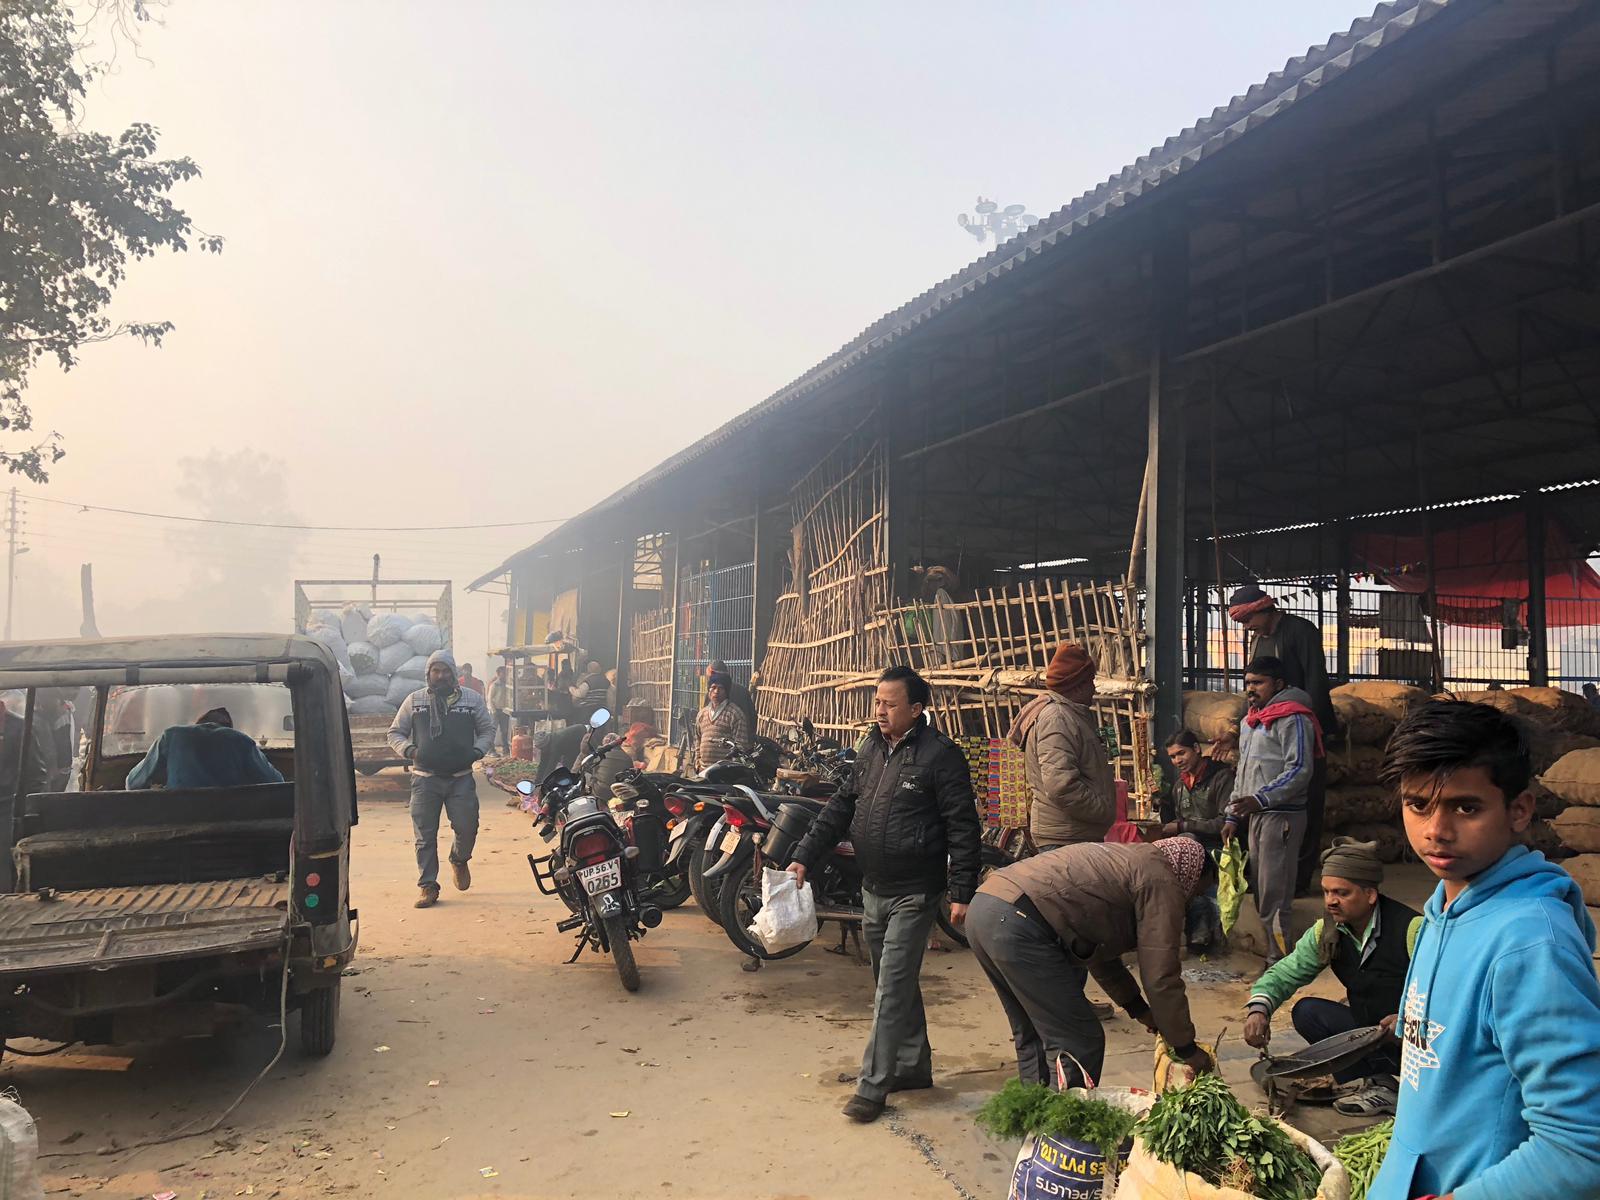 At the market in Pharenda